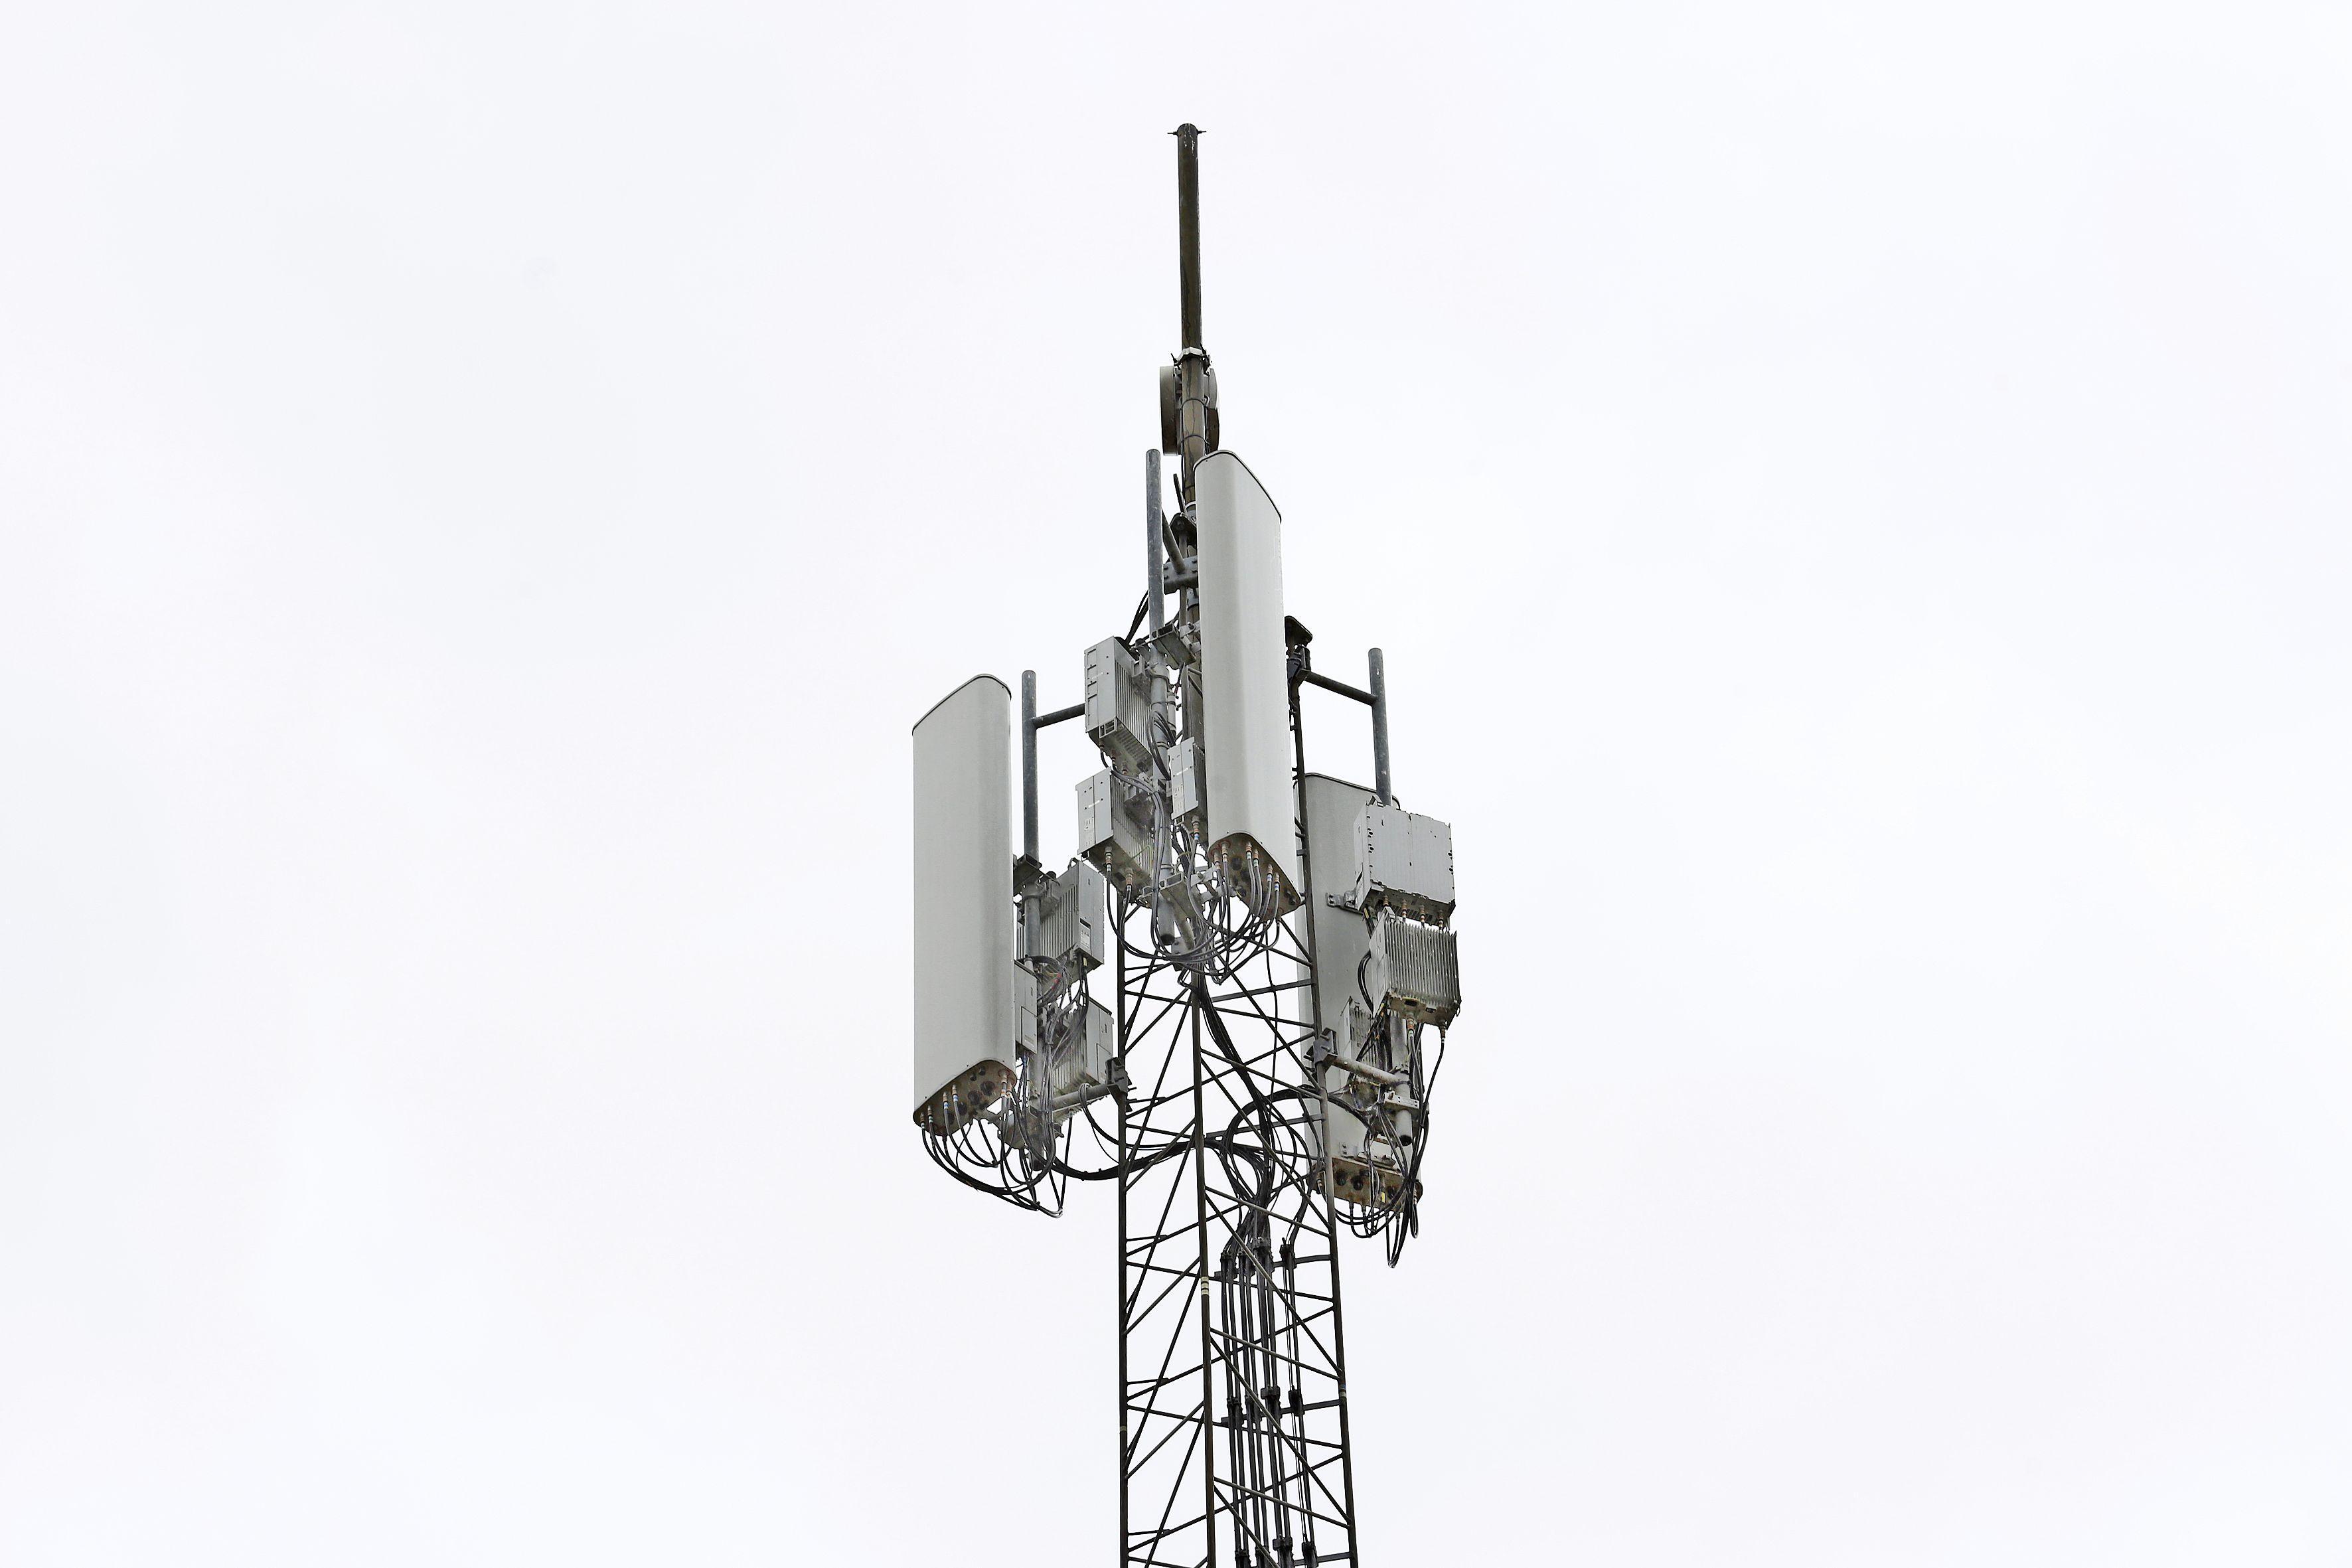 Vragen rond uitrol 5G-netwerk in Huizen. 'Kan een onafhankelijk lokaal informatiepunt toegevoegde waarde hebben?'